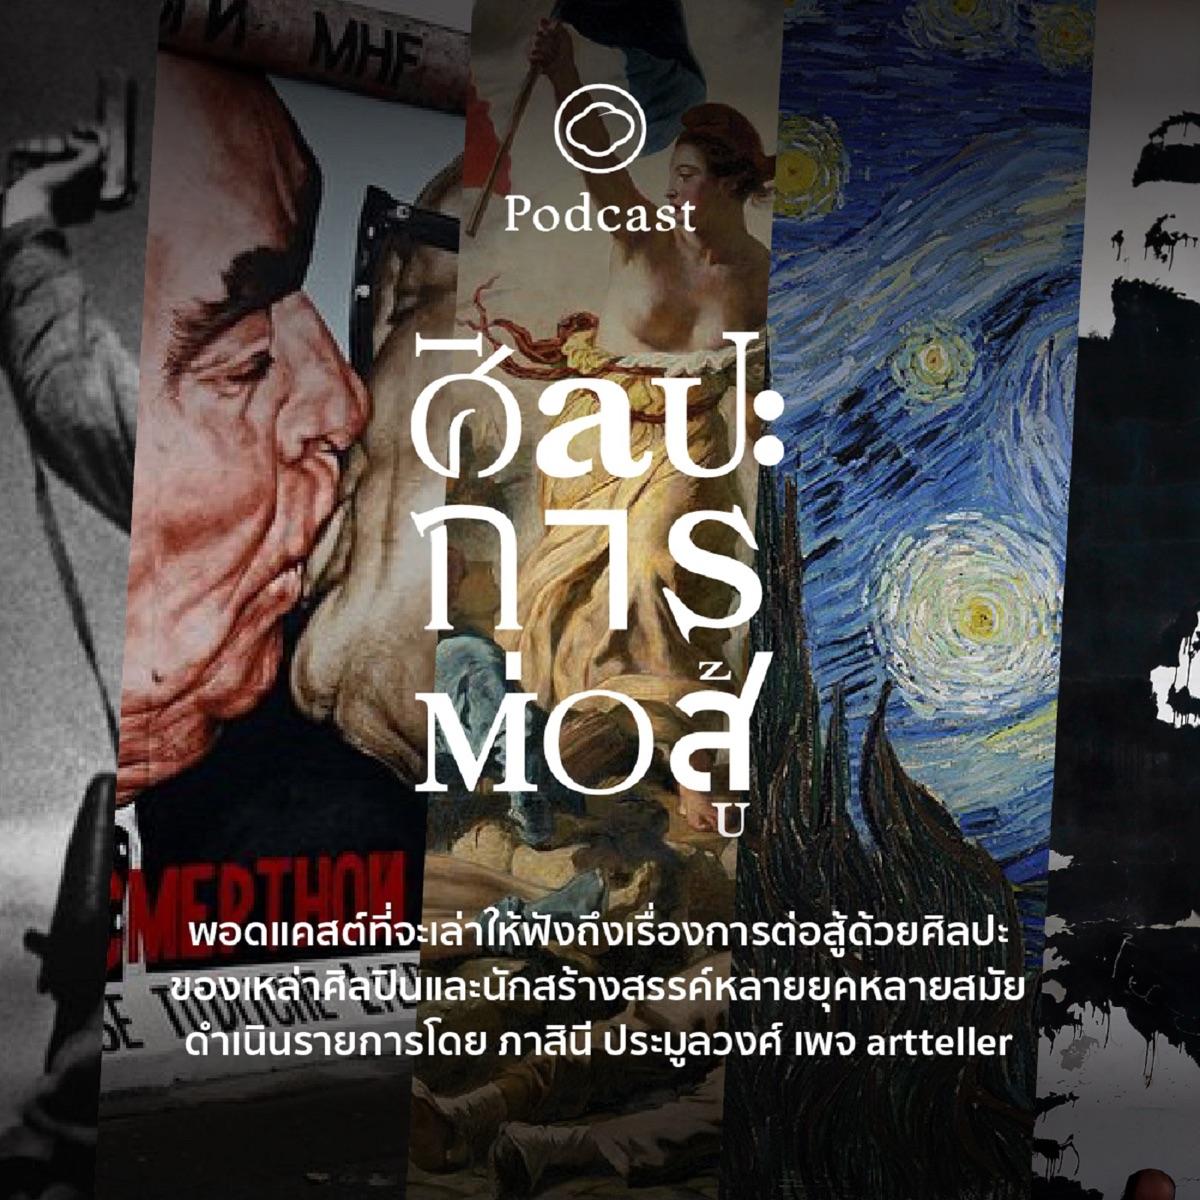 ศิลปะการต่อสู้ | The Cloud Podcast |